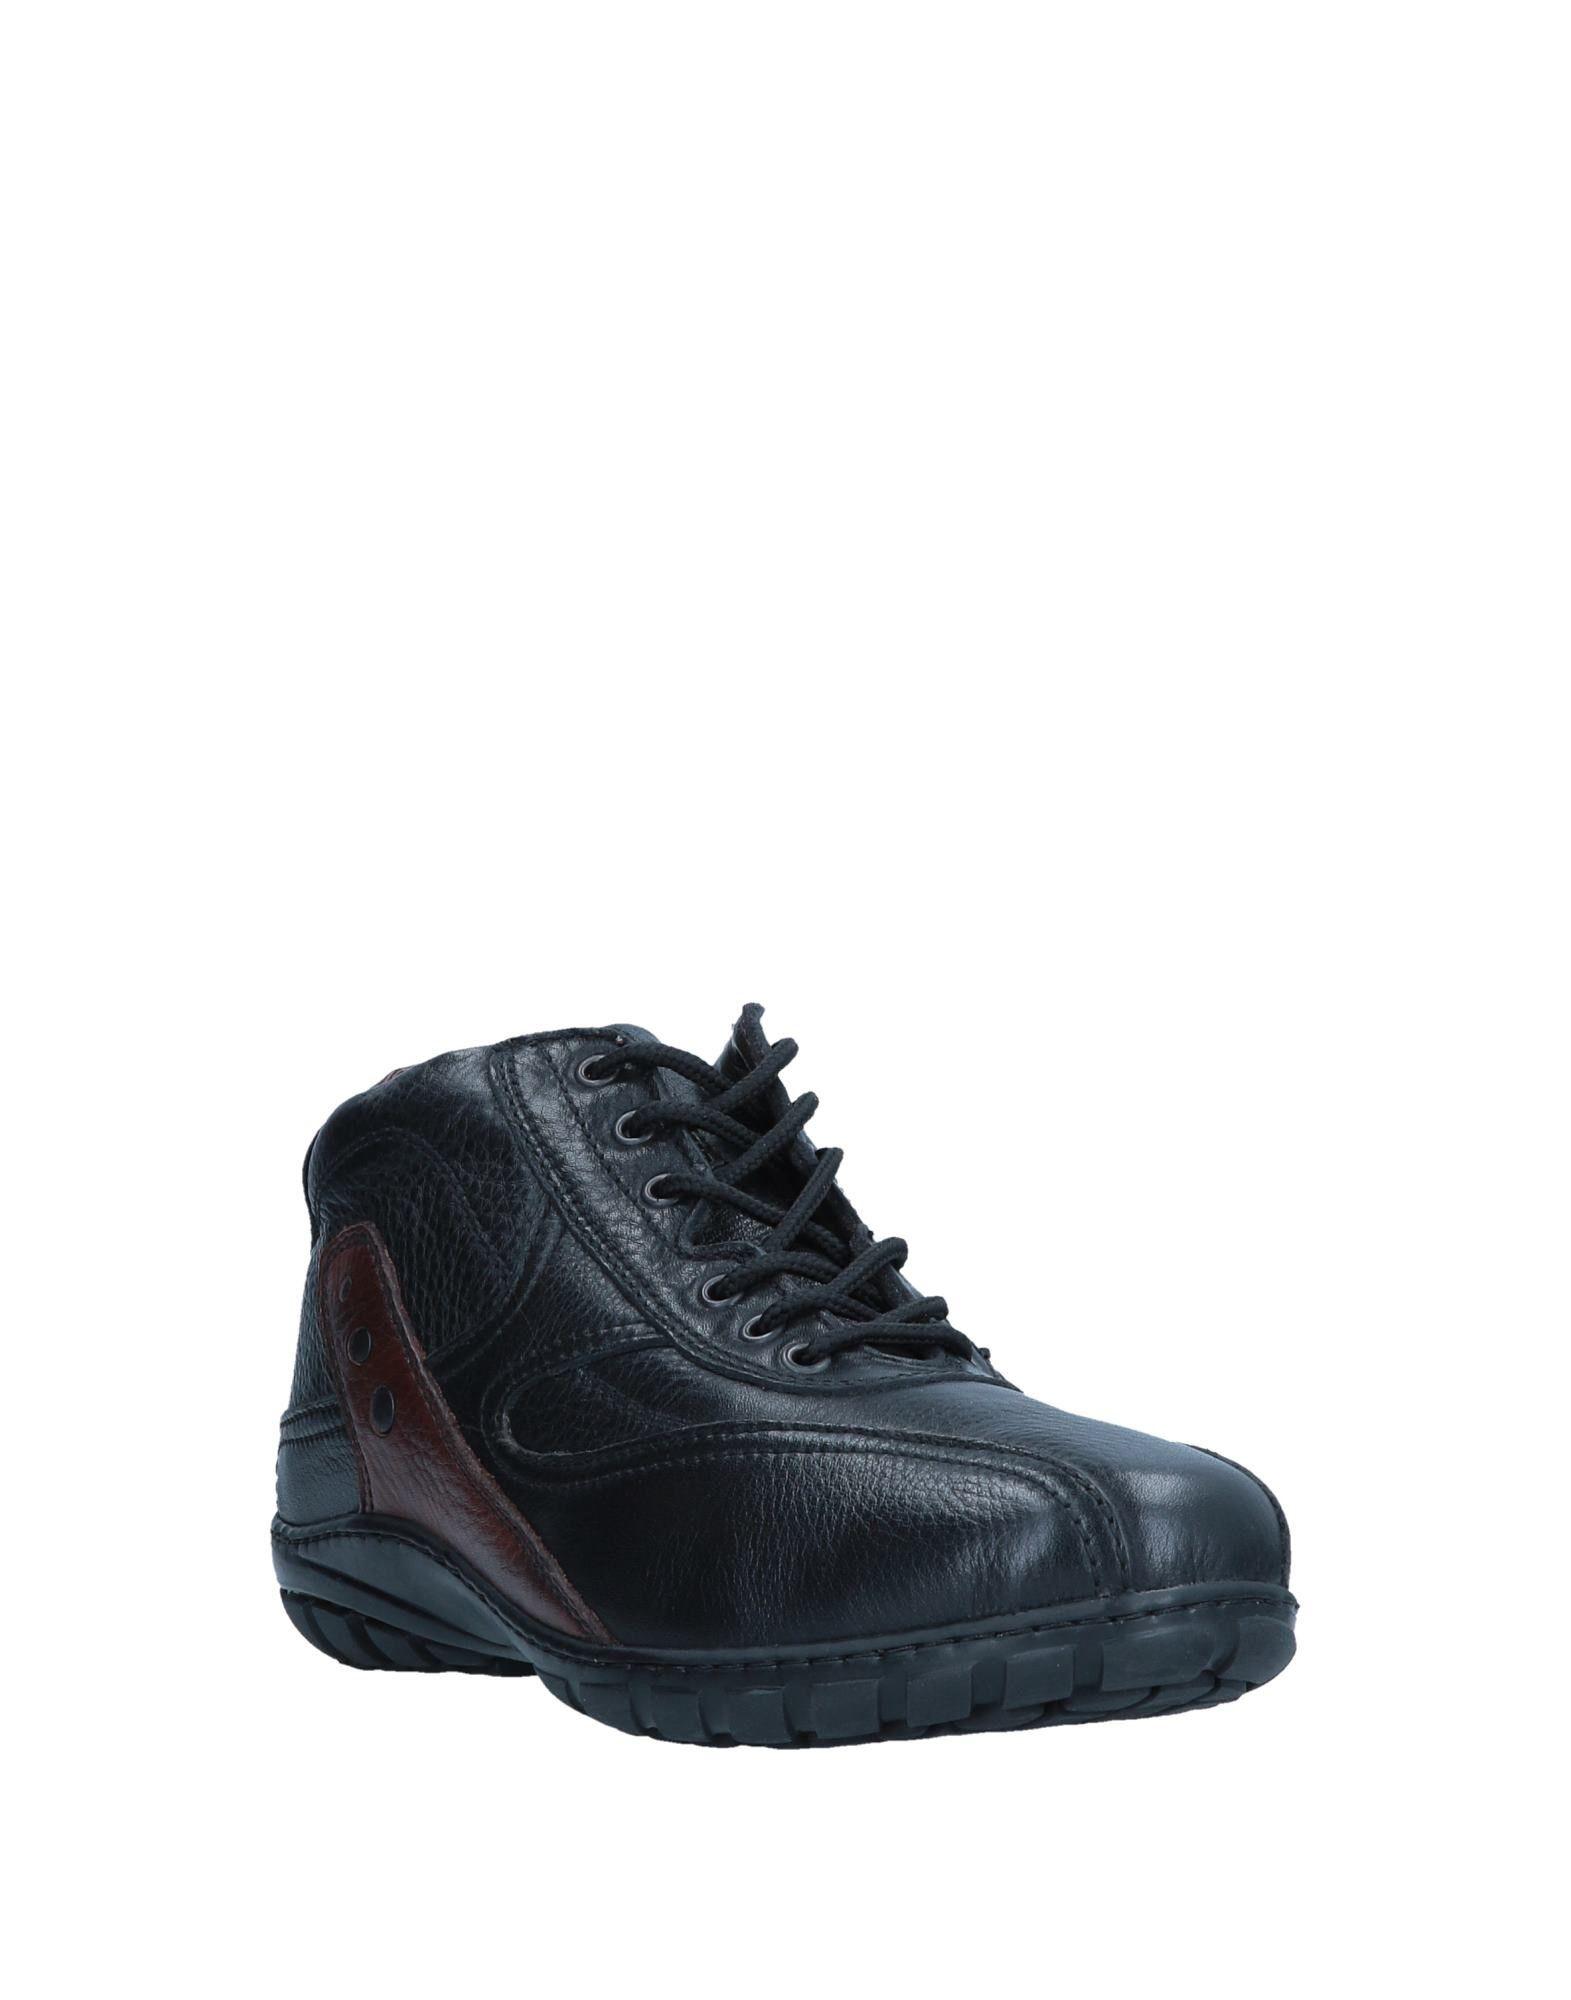 Rabatt Herren echte Schuhe Valleverde Sneakers Herren Rabatt  11551907LW b03c4a